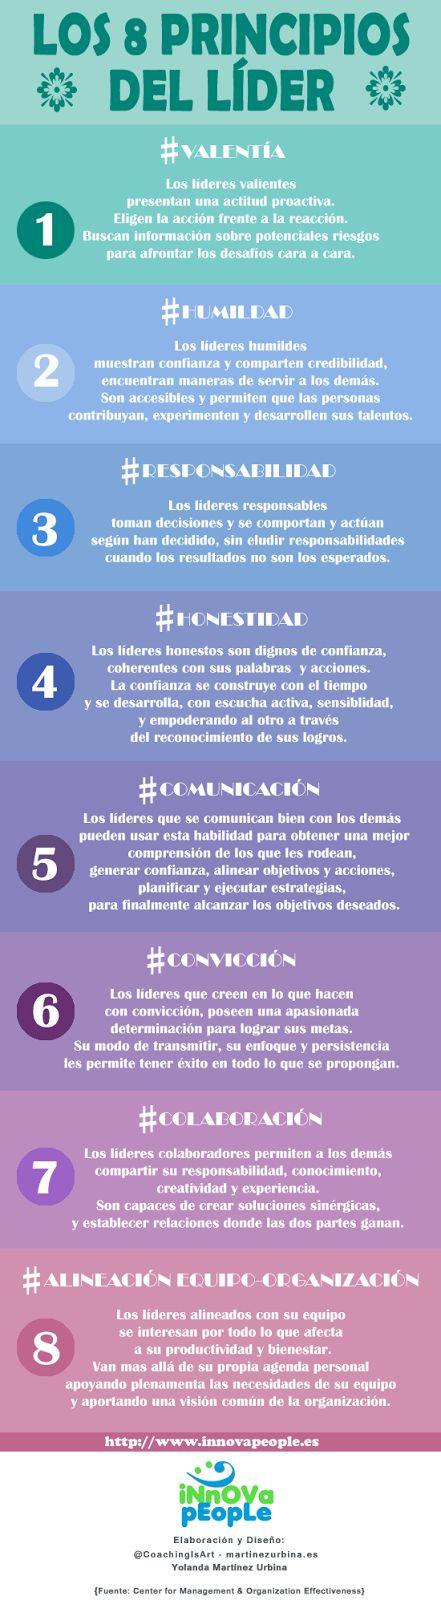 Los 8 principios de un líder